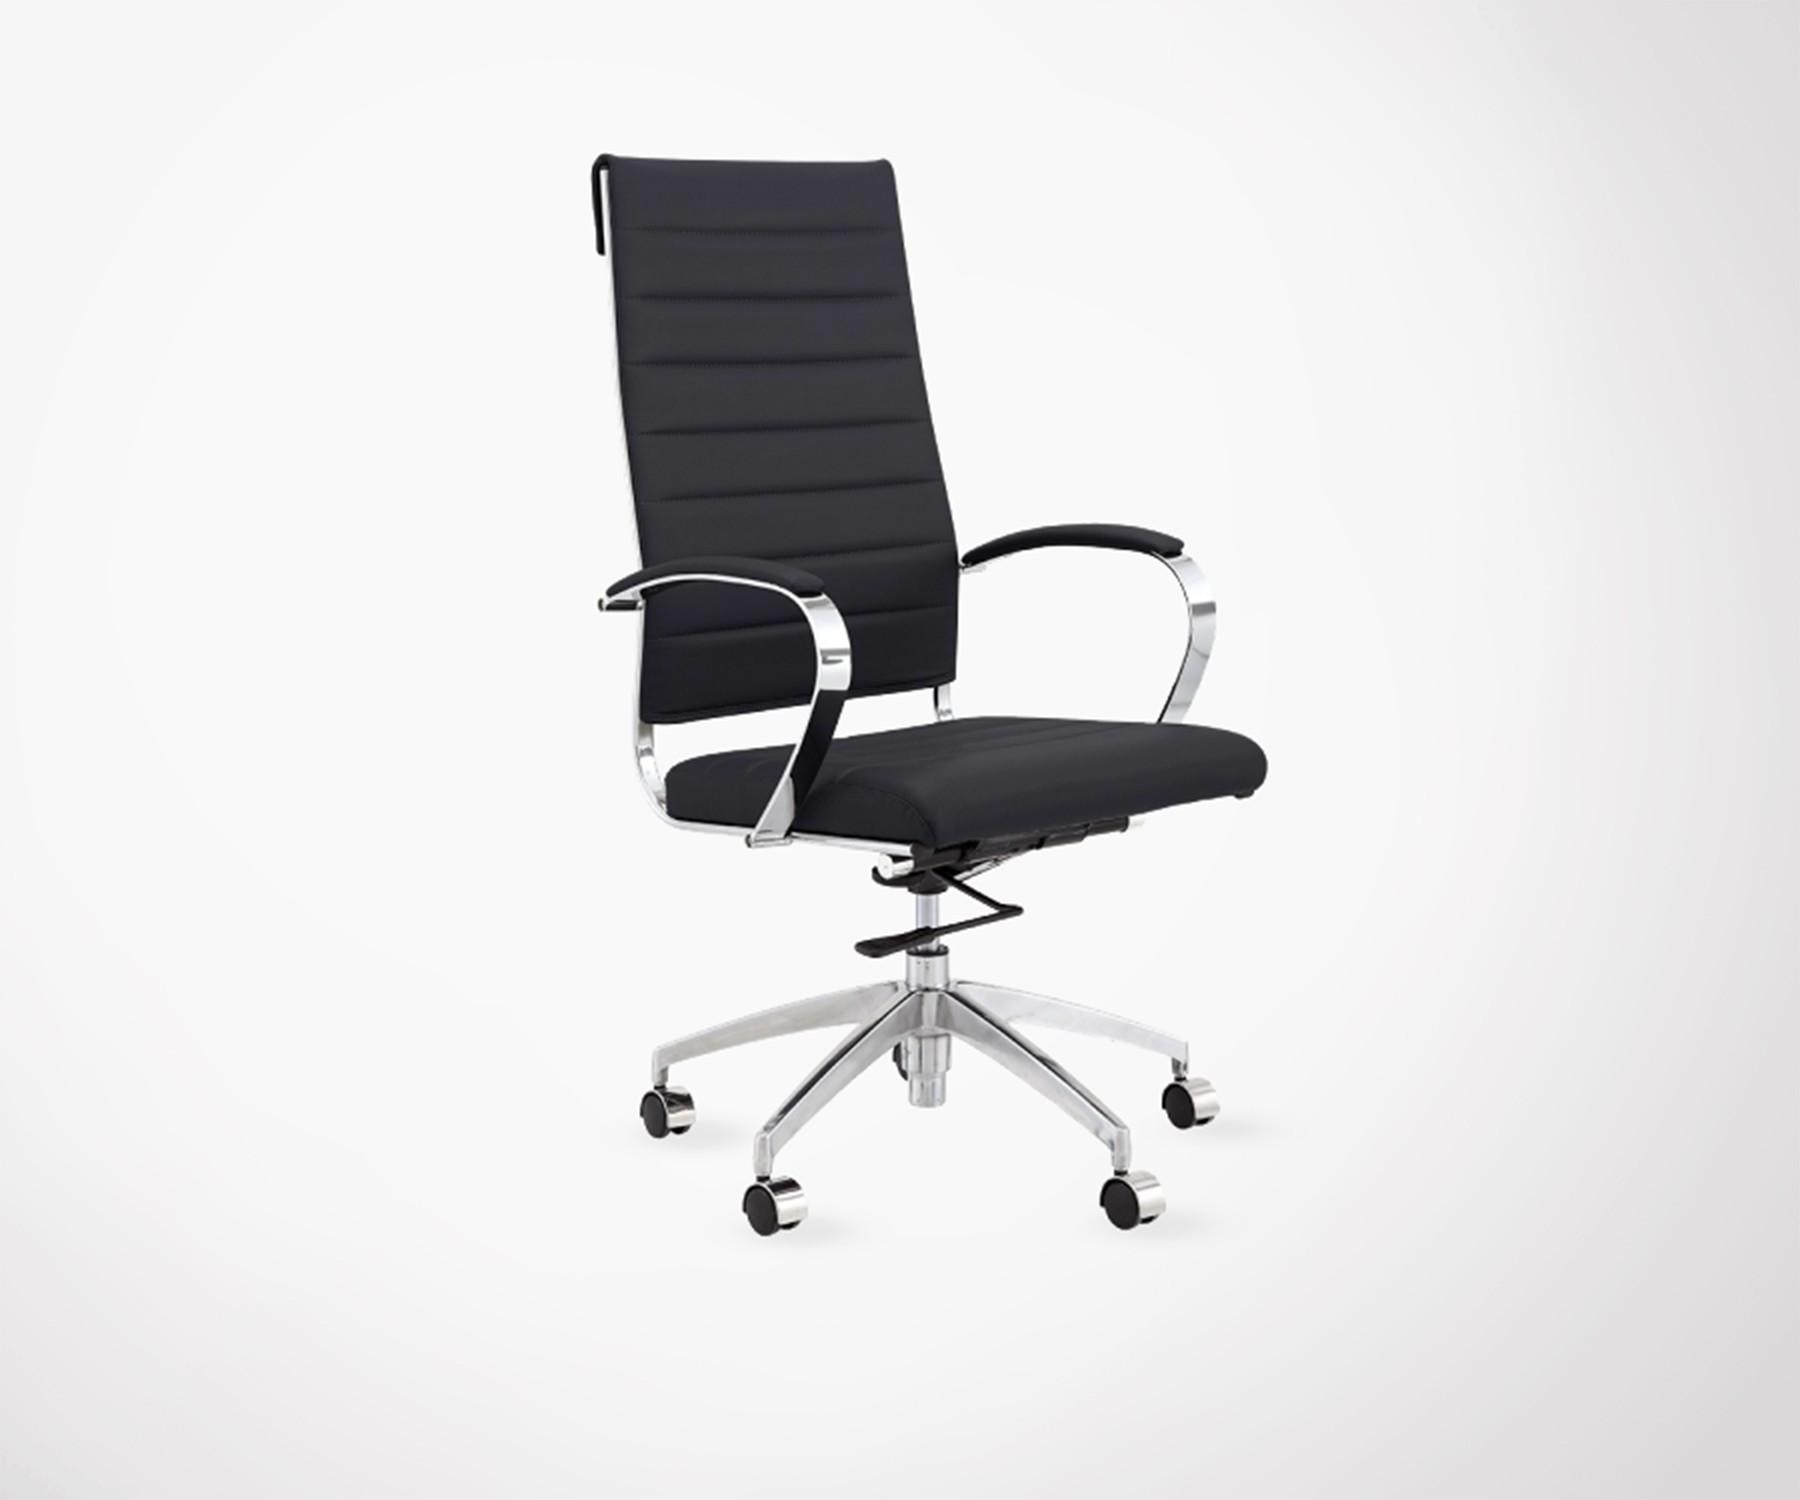 Chaises bureau tous styles esprit grands designers top qualité